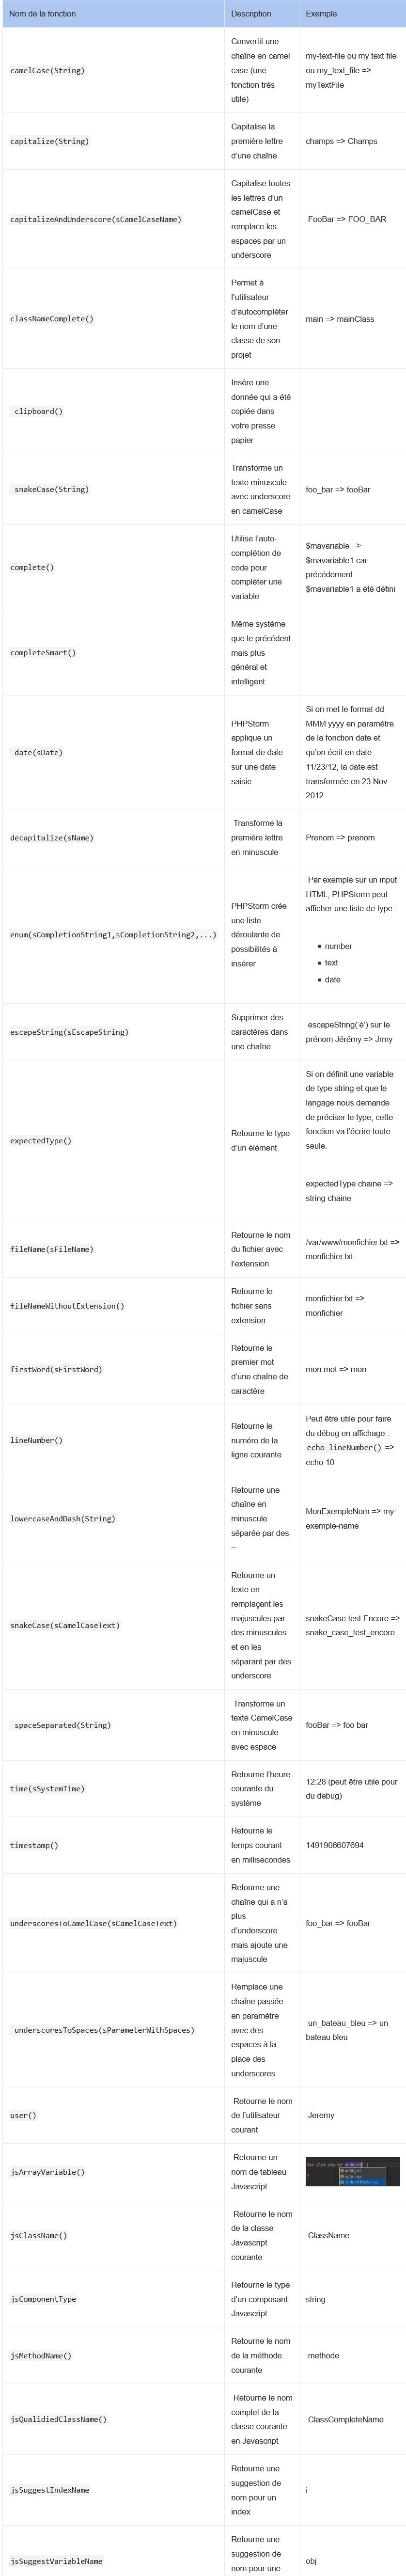 Liste des fonctions PHPStorm pour live template